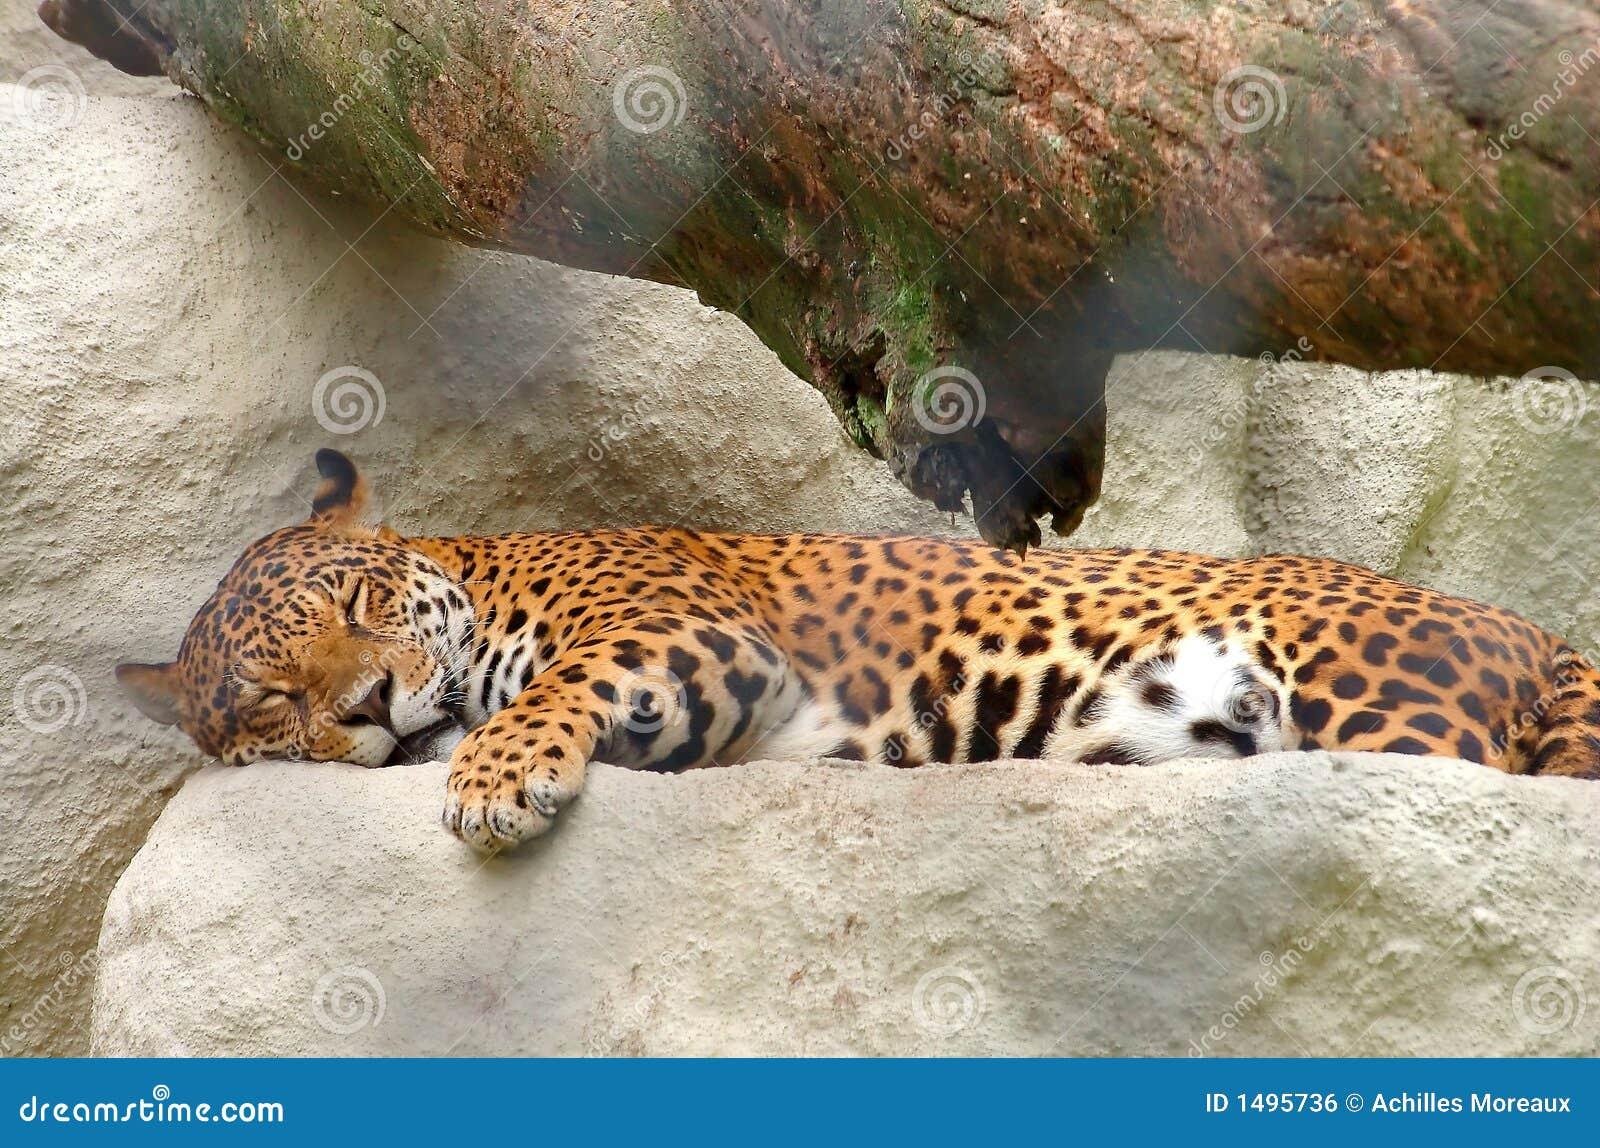 Onca - brasilianischer Leopard